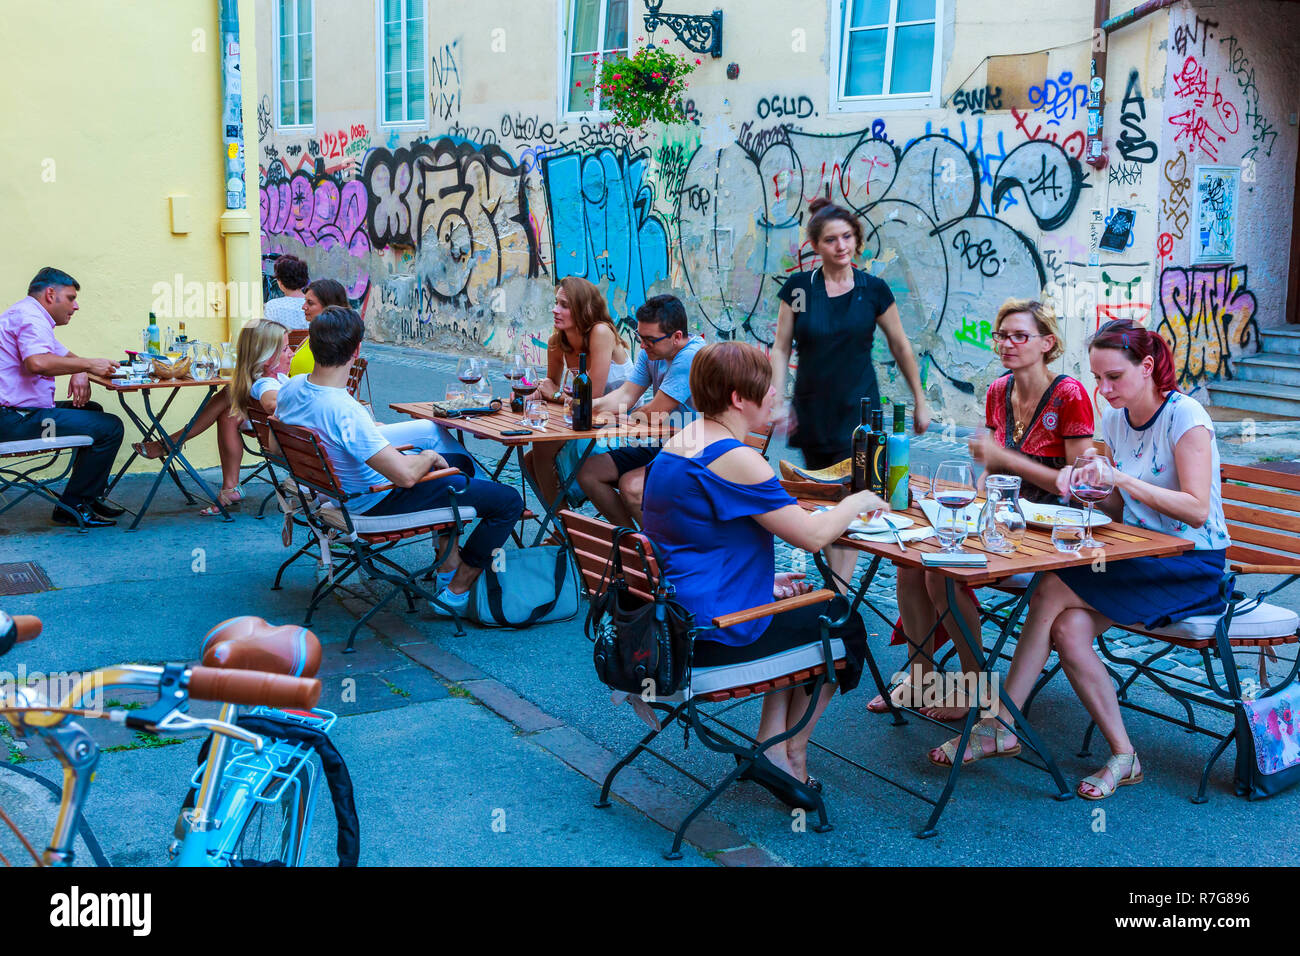 Street atmosphere. Kastelceva street. Ljubljana, Slovenia, Europe. - Stock Image